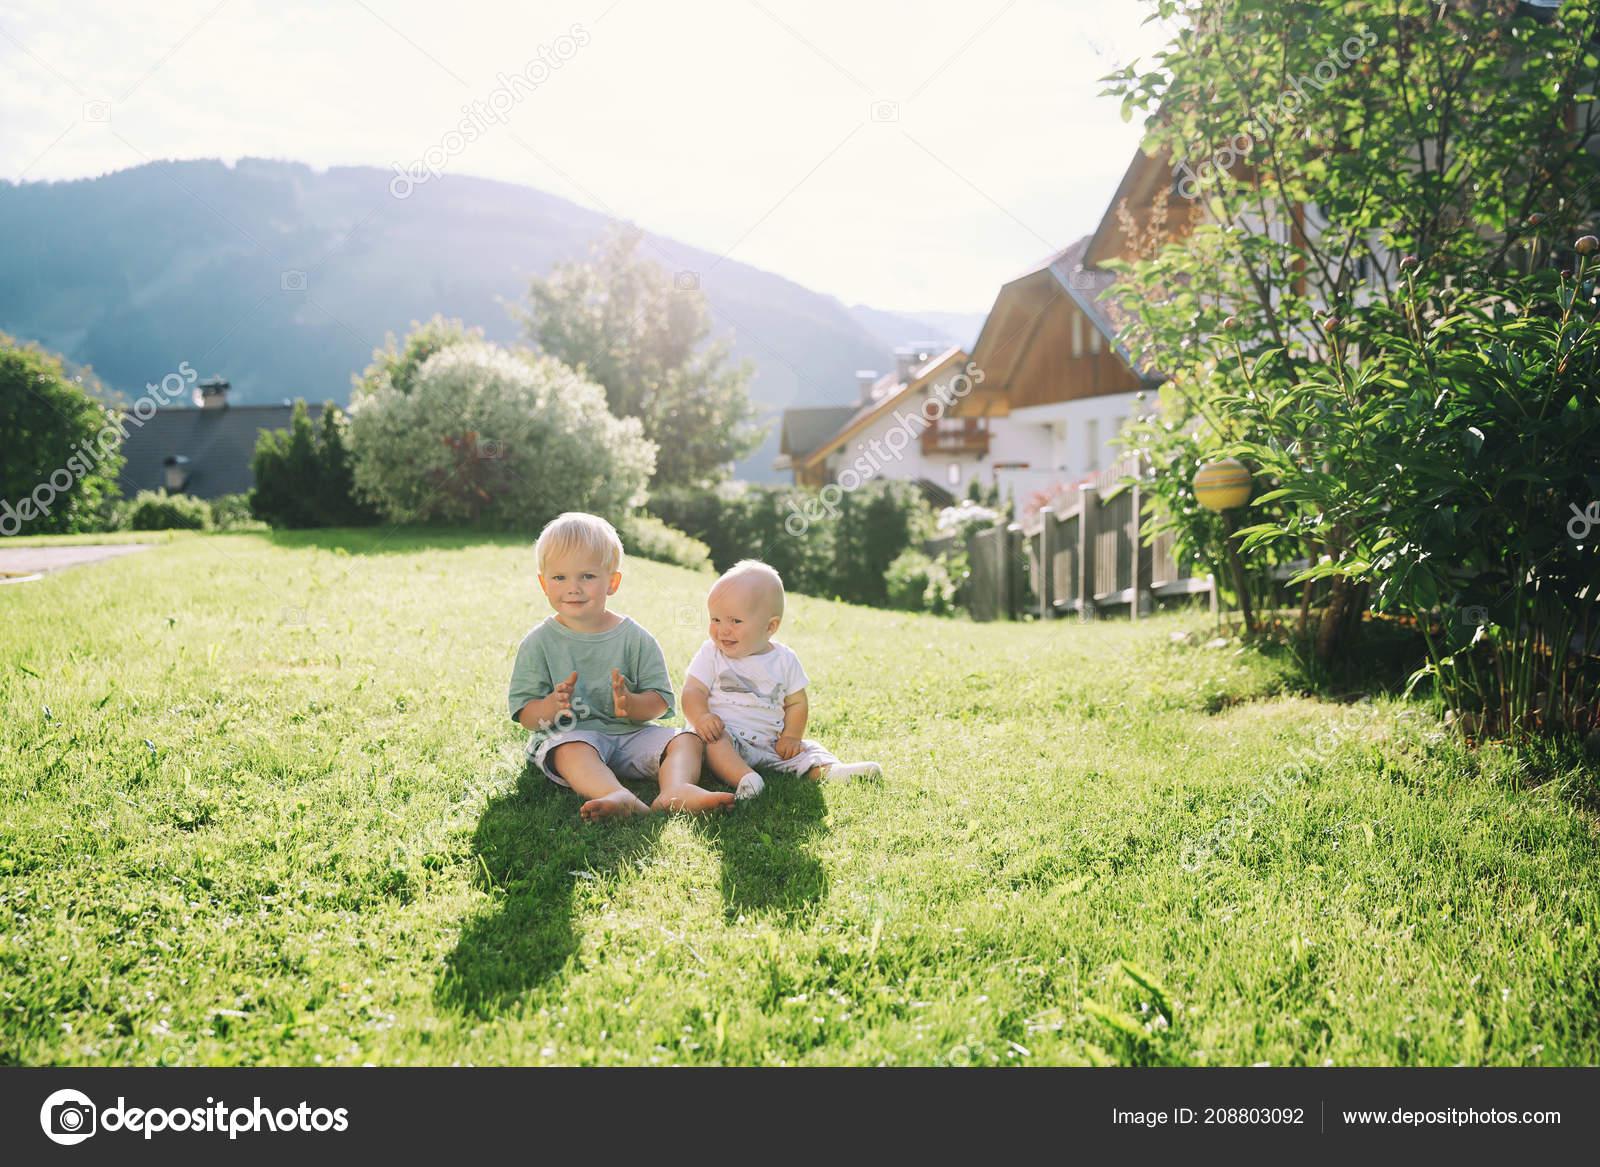 7a5d2521c4c7b2 Glückliche Kinder Spielen Auf Natur Freien Bruder Und Schwester Haben–  Stockbild